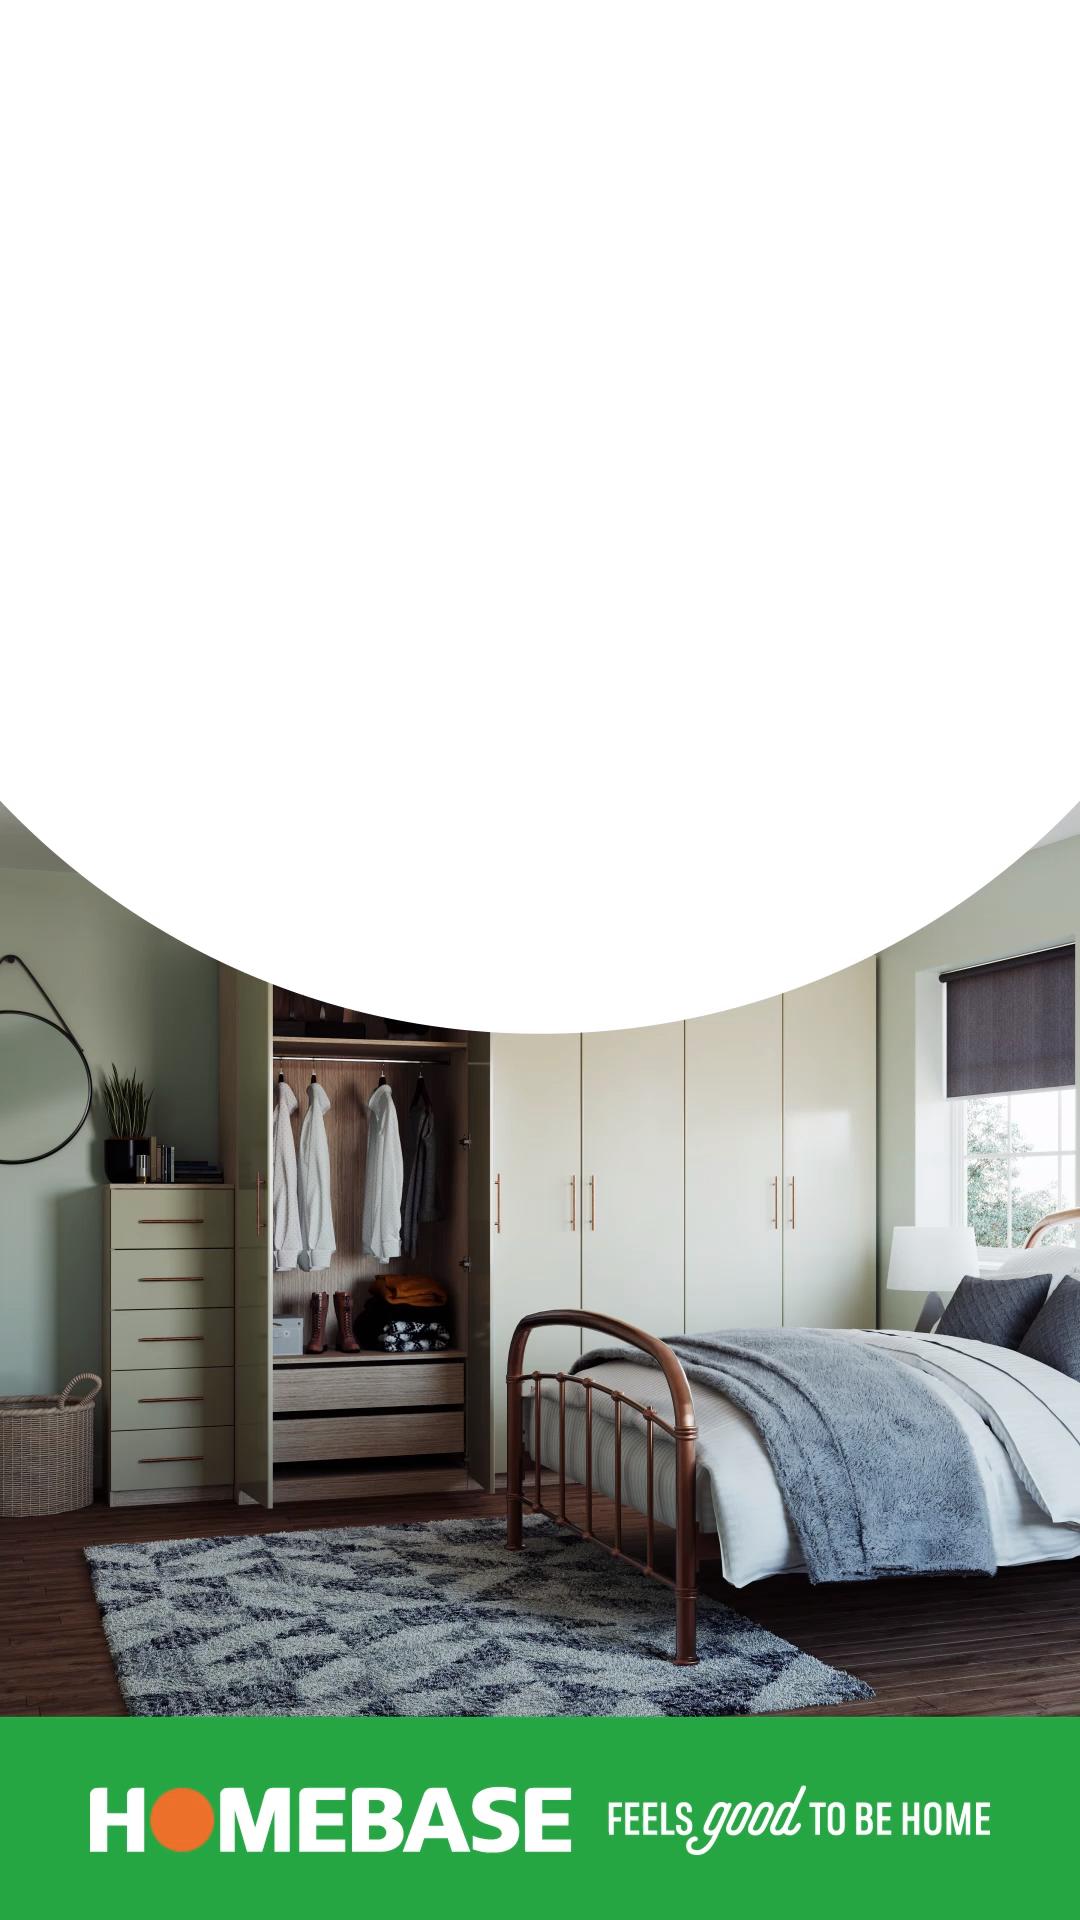 Transform Your Bedroom Transform Your Bedroom Homebase homebaseuk